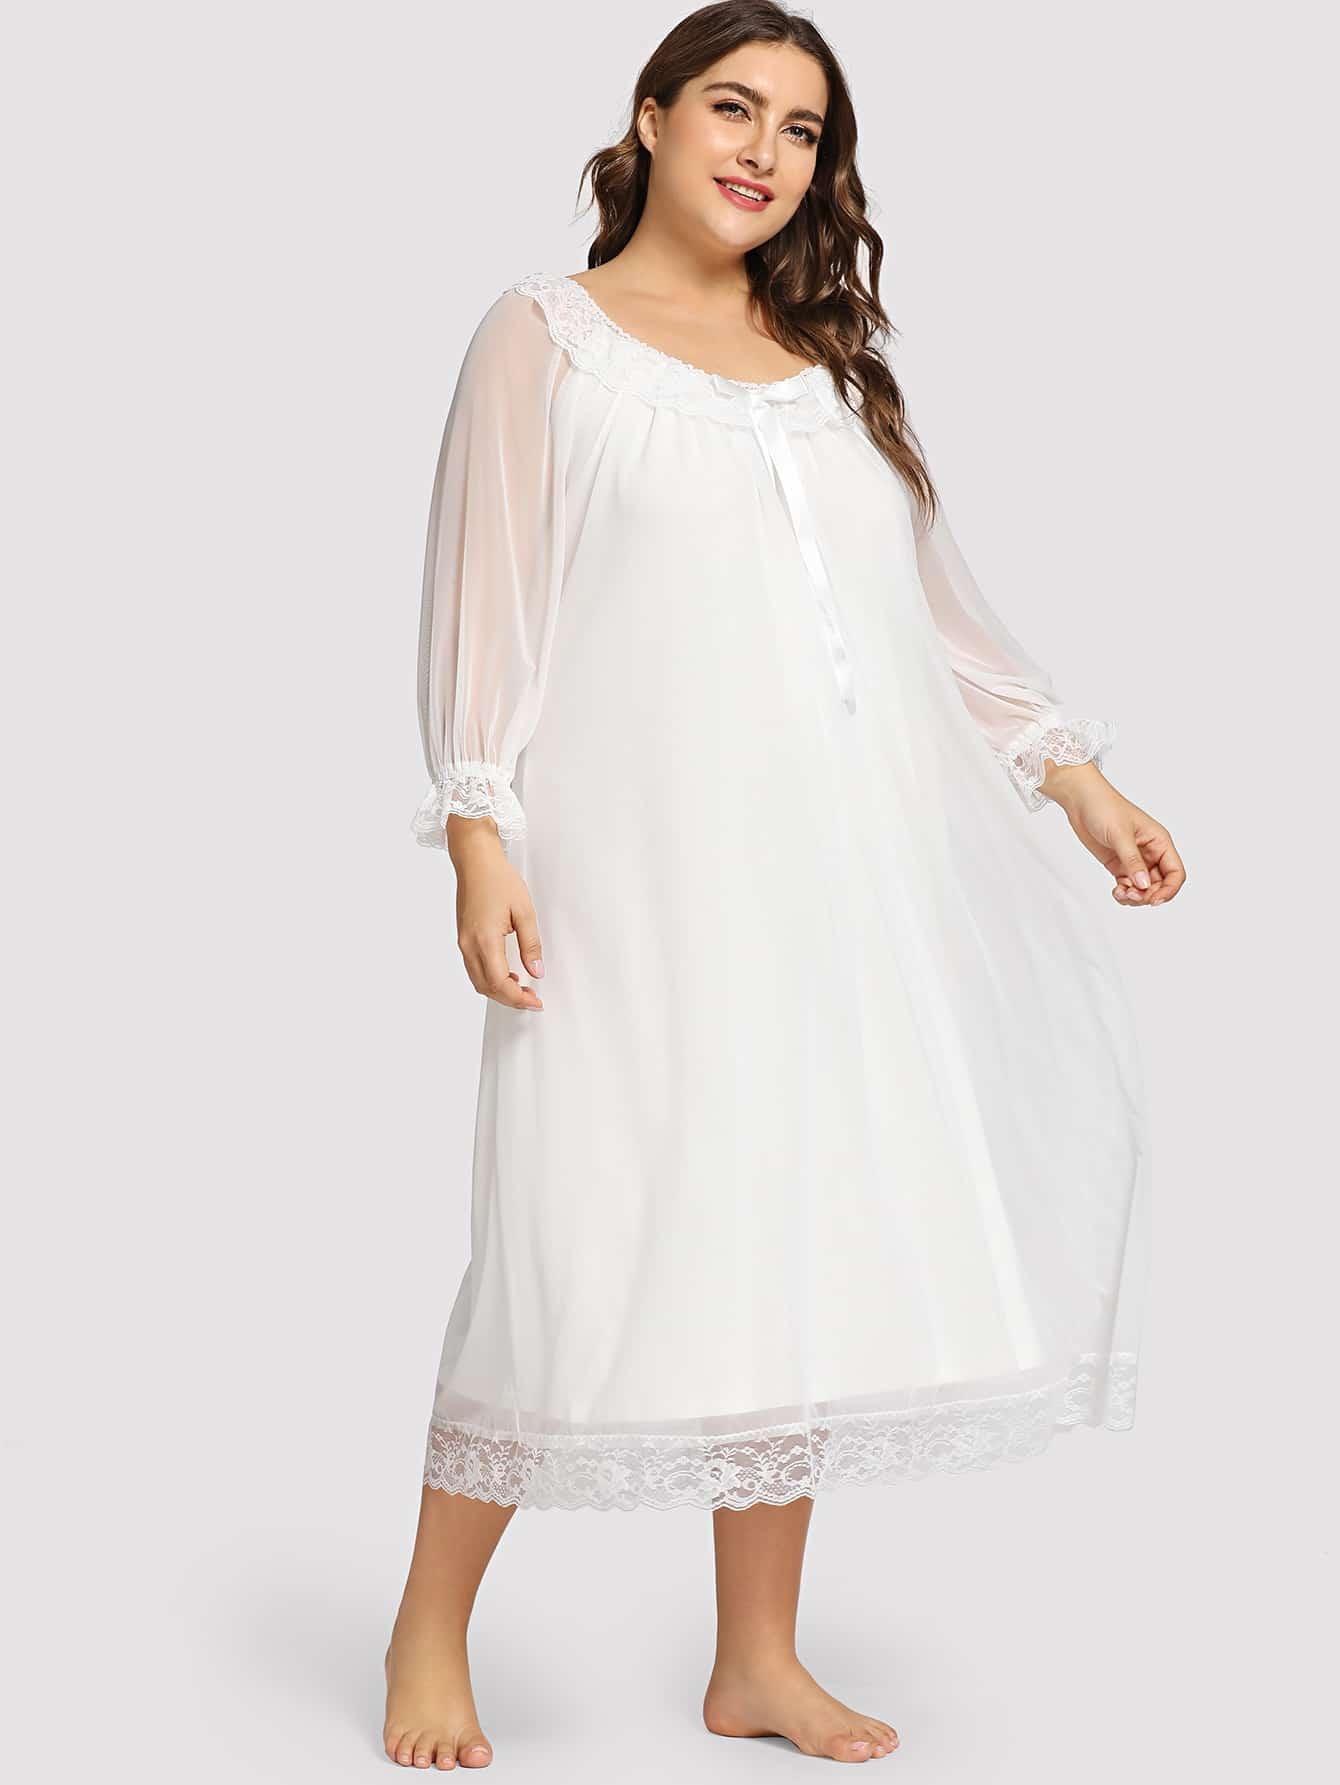 Купить Размера плюм ночная сорочка с бантом и цветочными кружевами, Franziska, SheIn